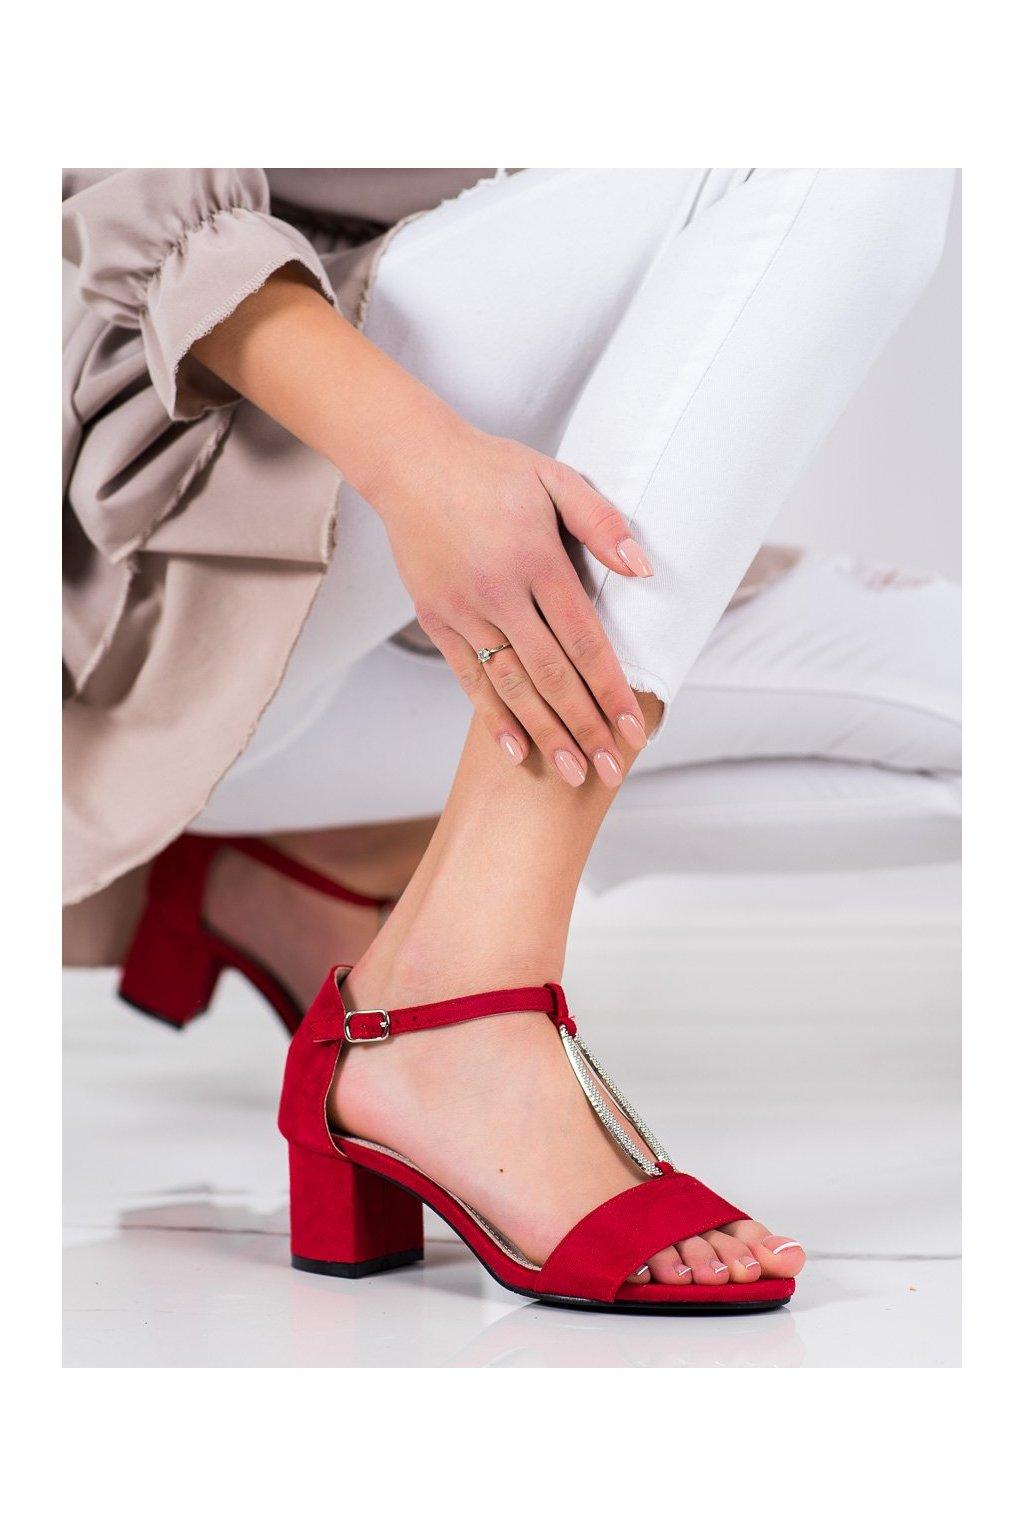 Červené sandále na podpätku Goodin kod GD-FL1027R